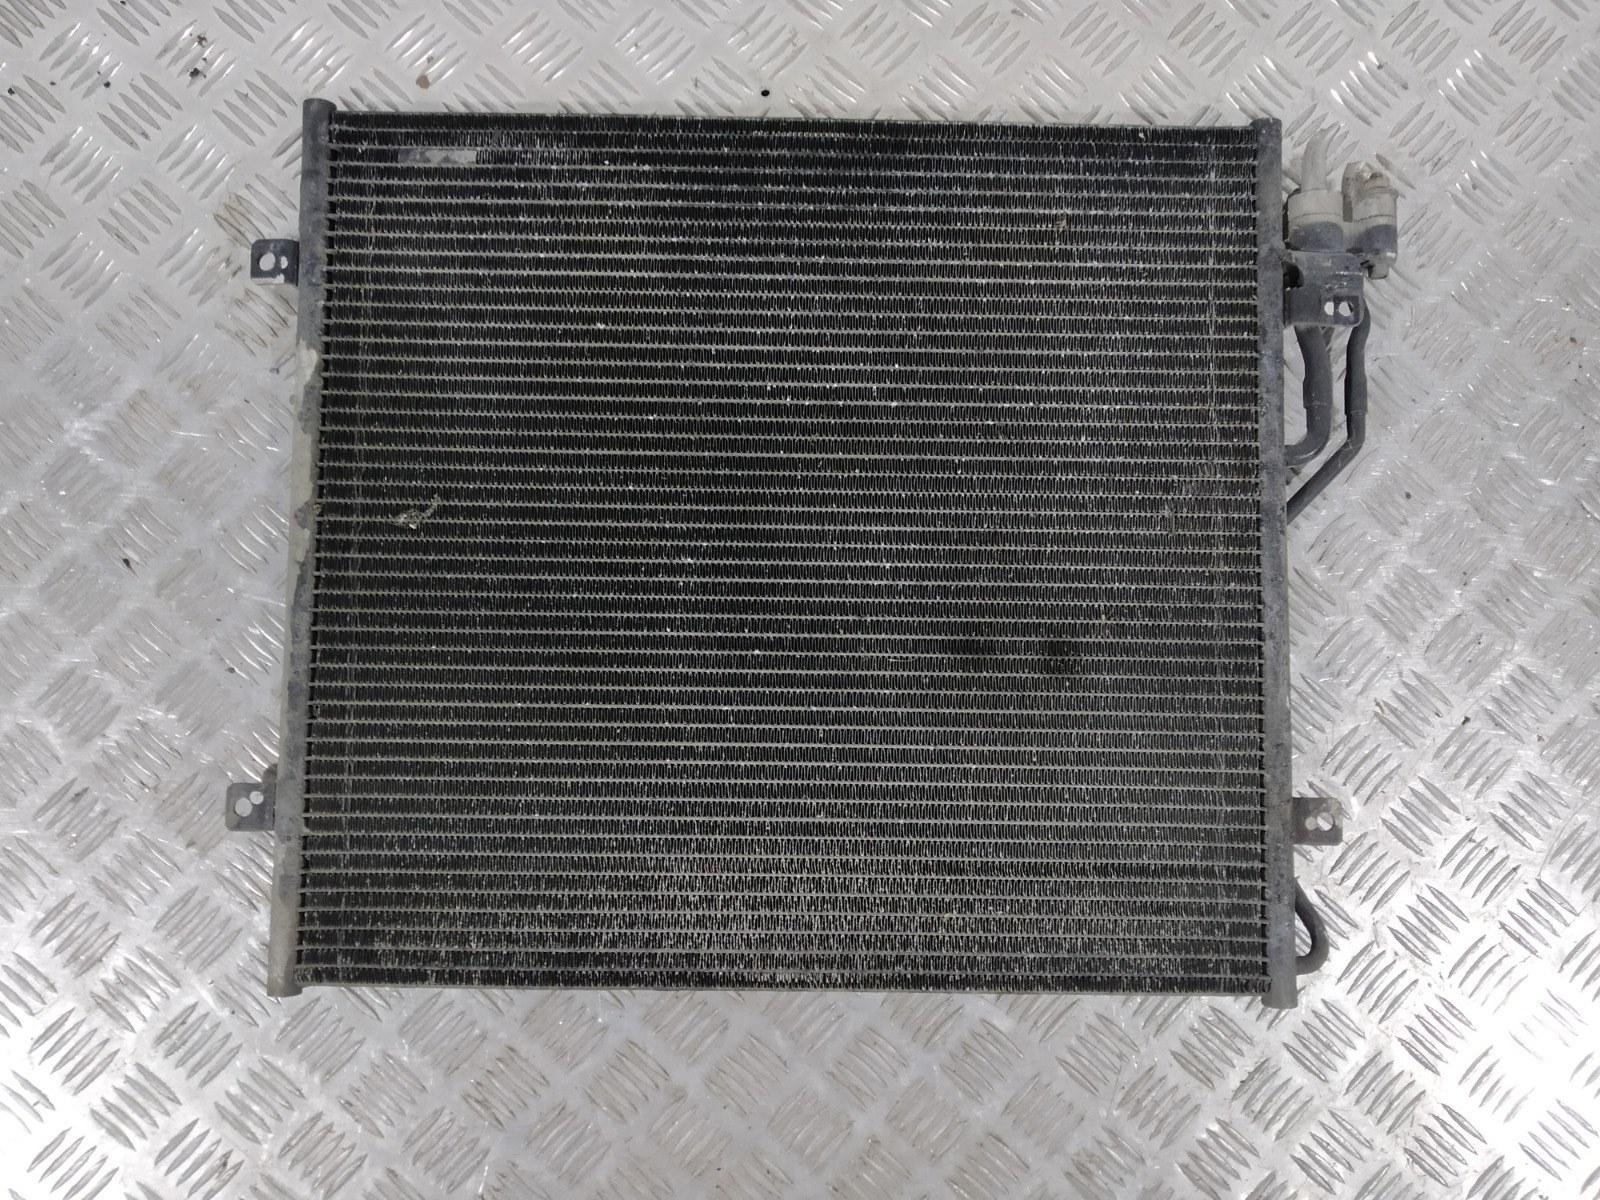 Радиатор кондиционера Jeep Cherokee KJ 2.4 I 2002 (б/у)